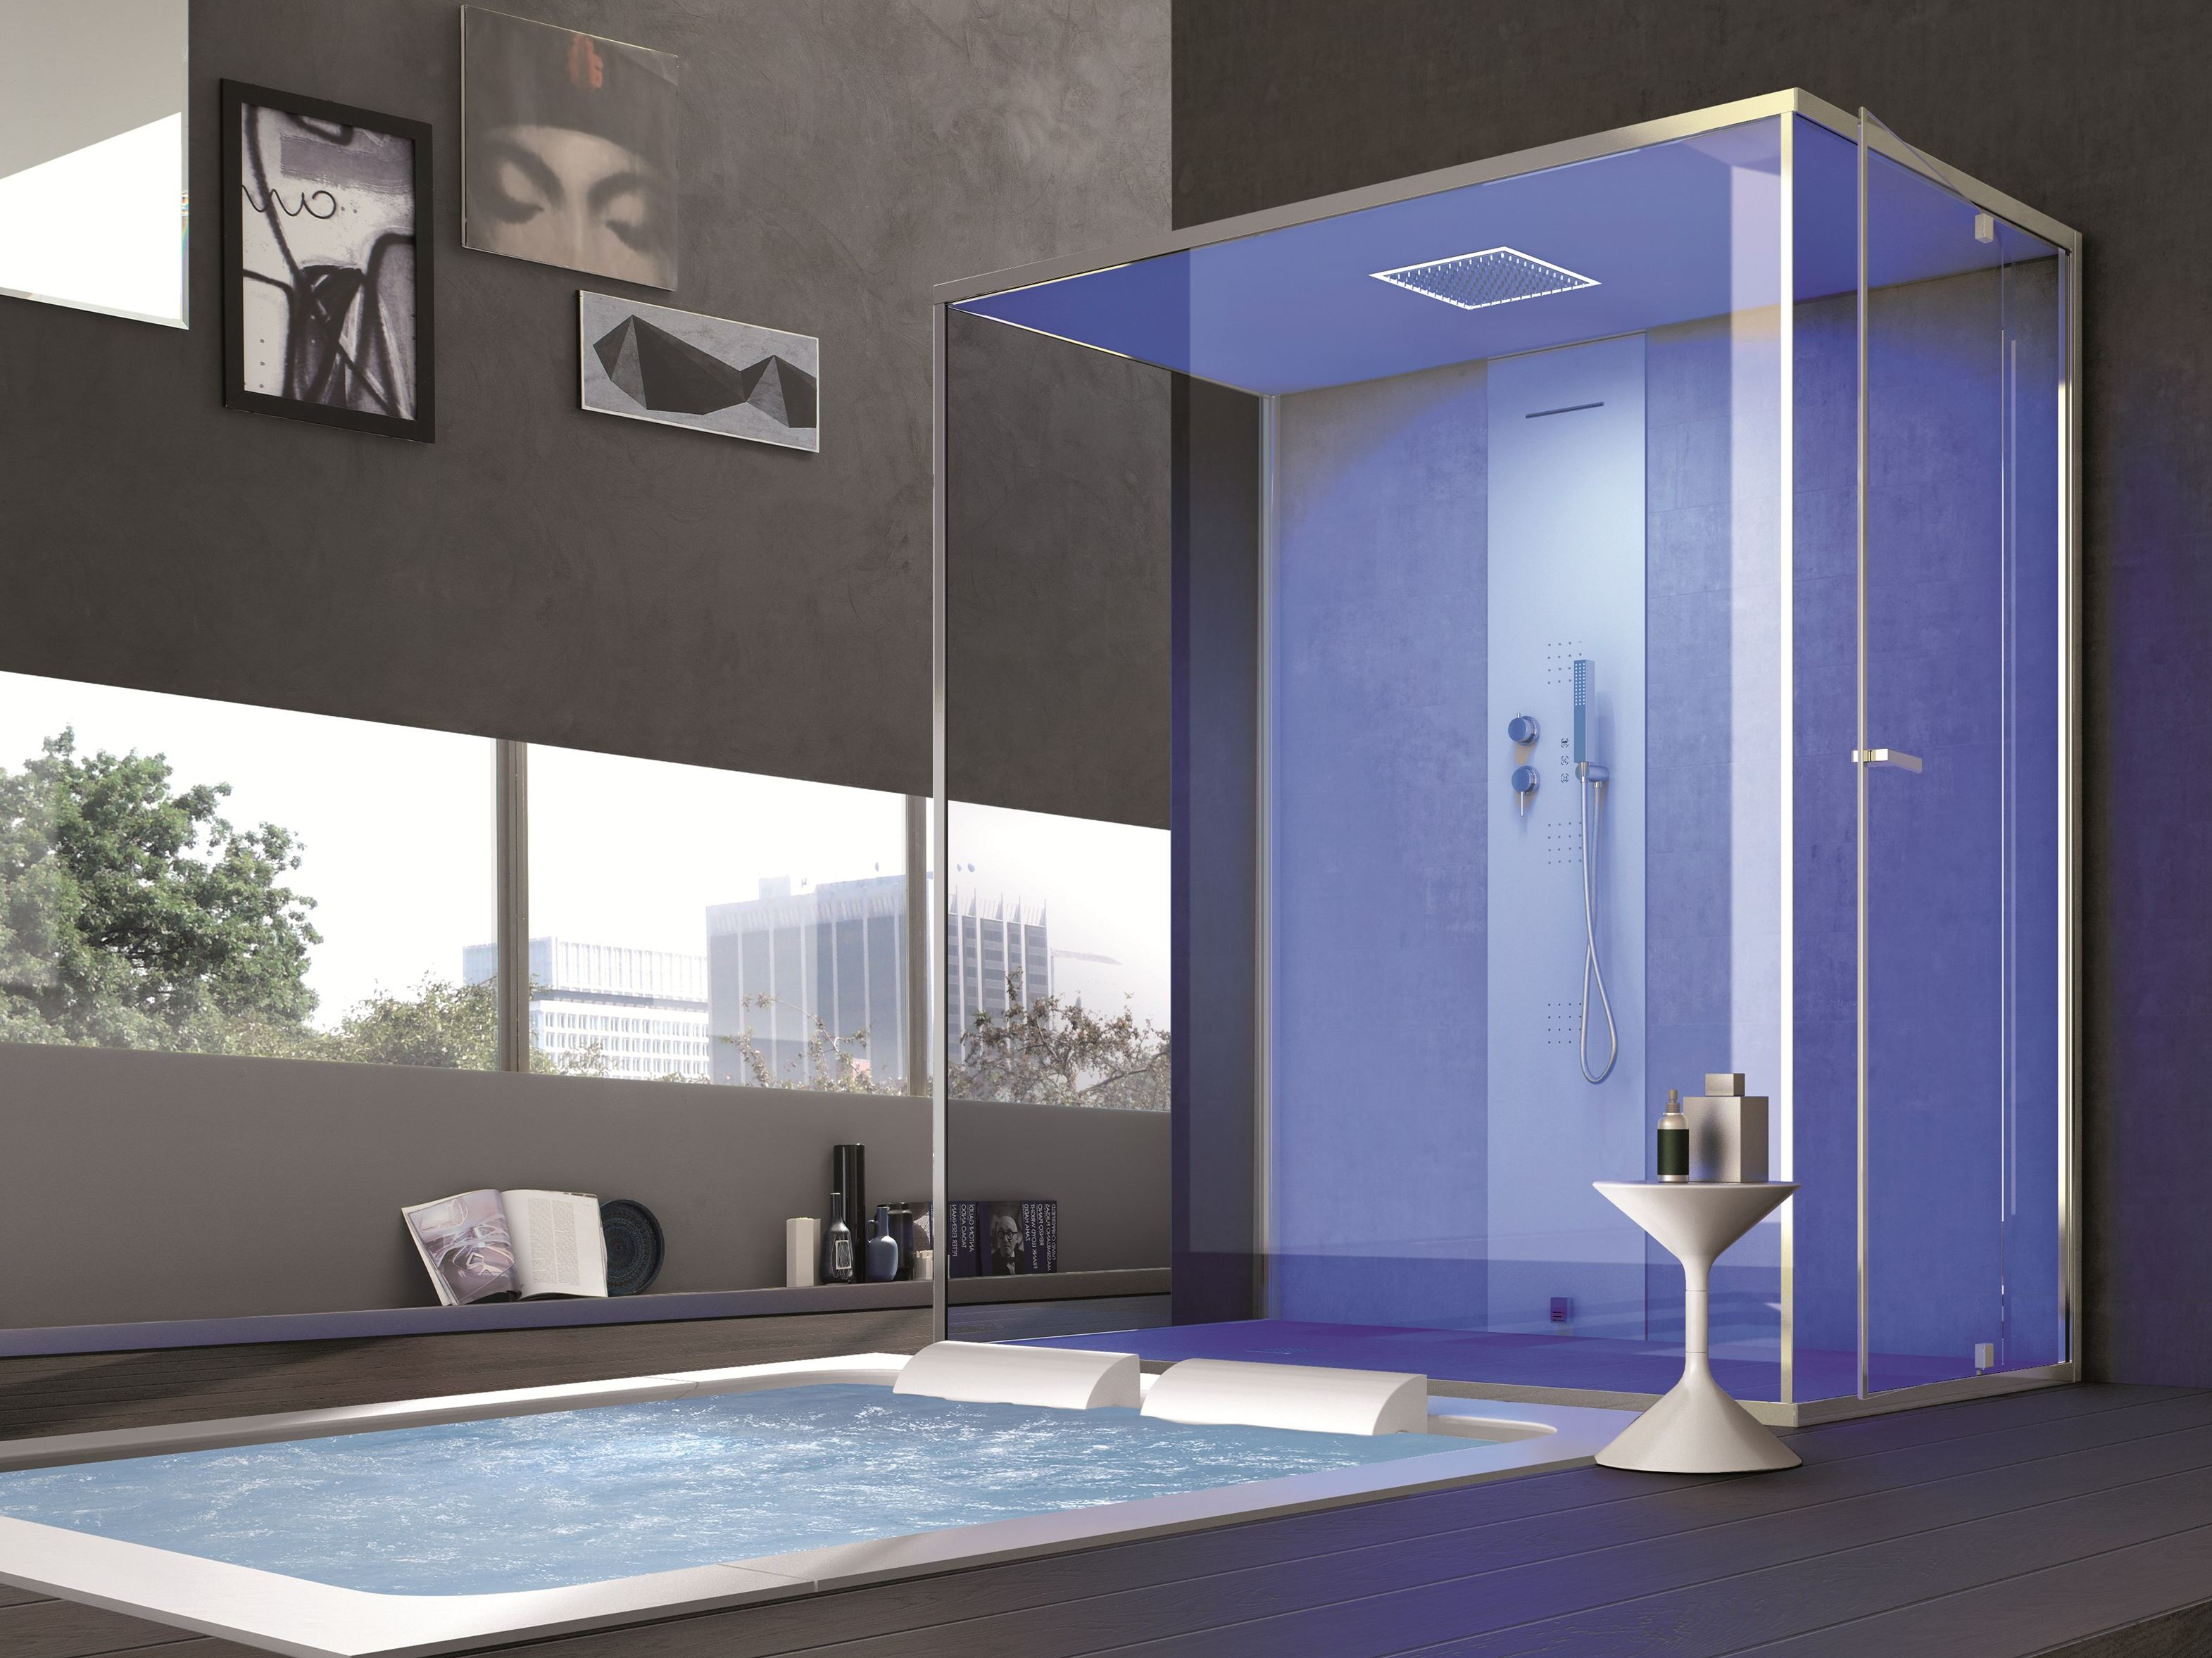 hafro douche hamman et sauna de luxe pour votre salle de bain tous les articles. Black Bedroom Furniture Sets. Home Design Ideas